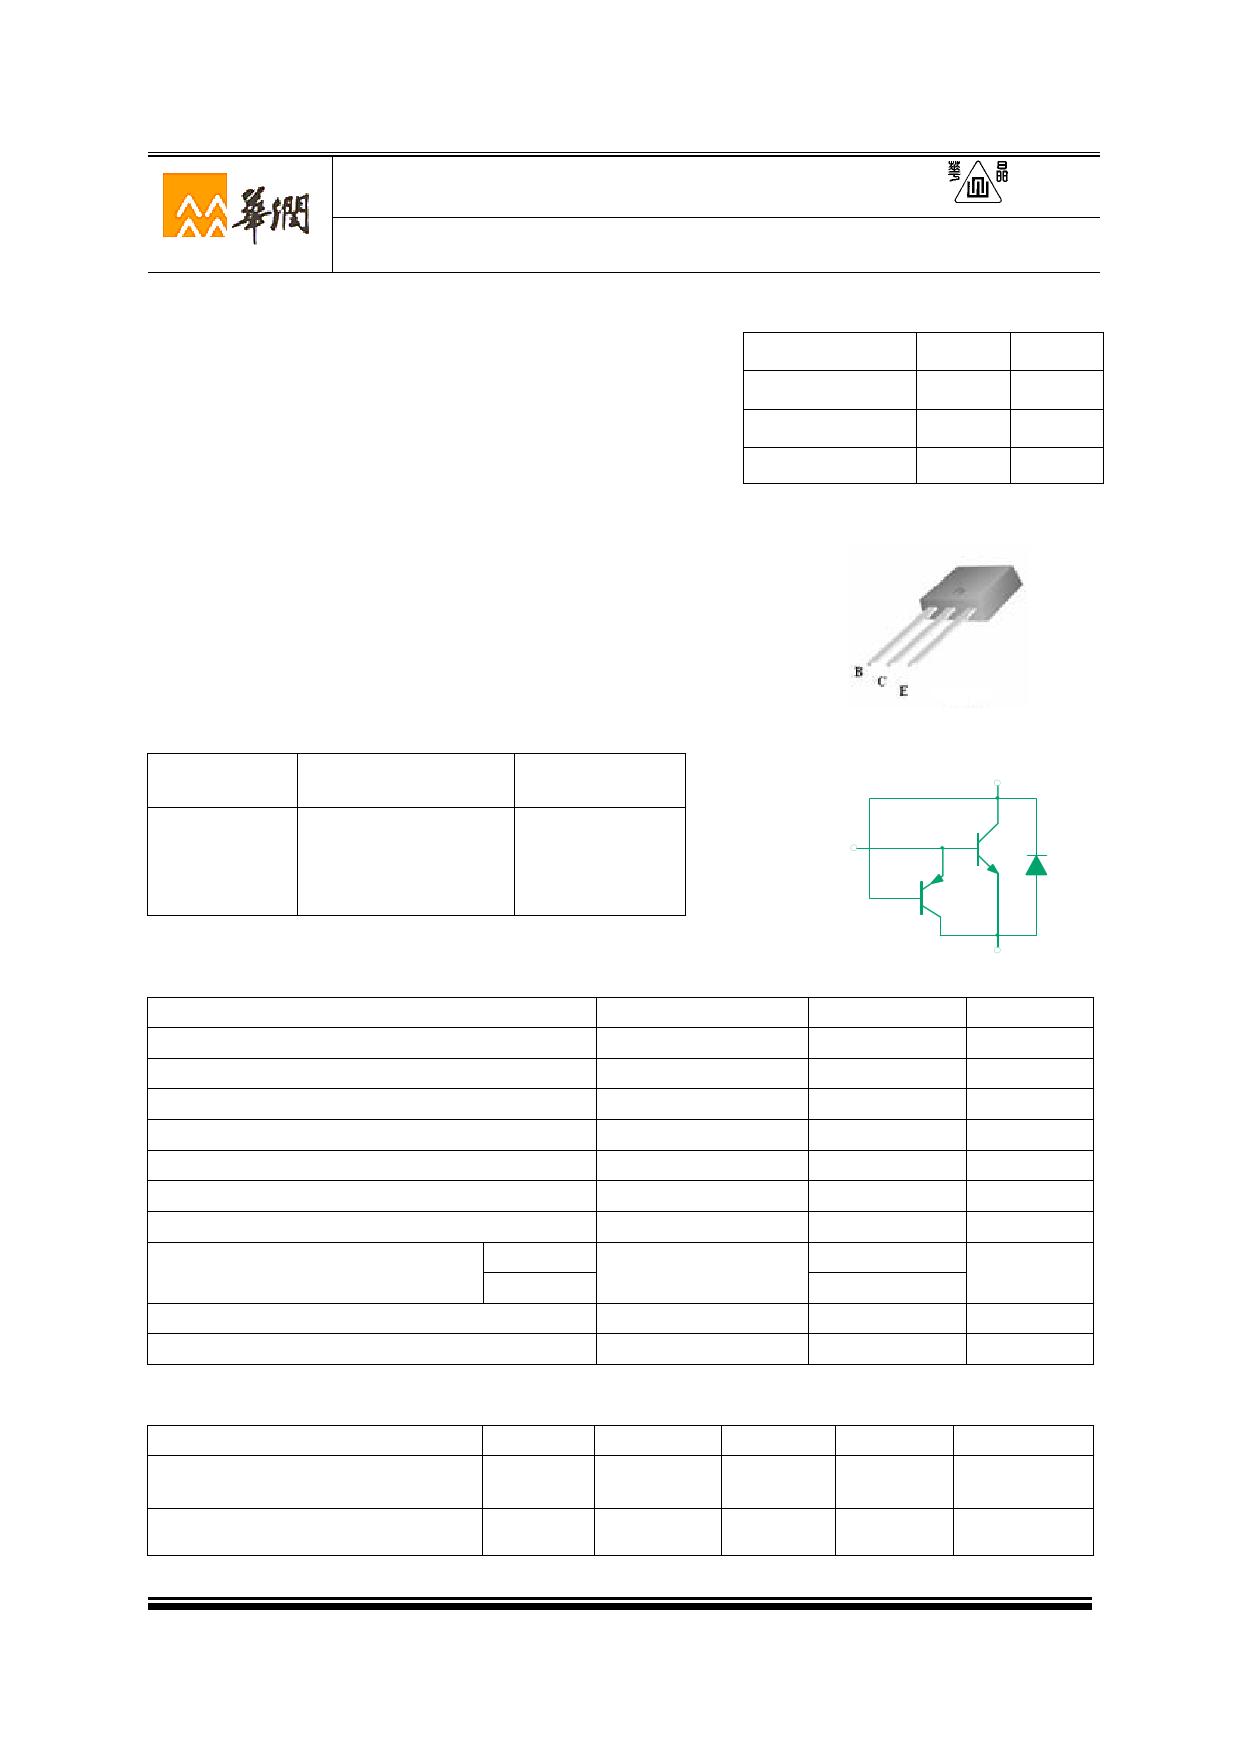 3DD128FH3D Datasheet, 3DD128FH3D PDF,ピン配置, 機能